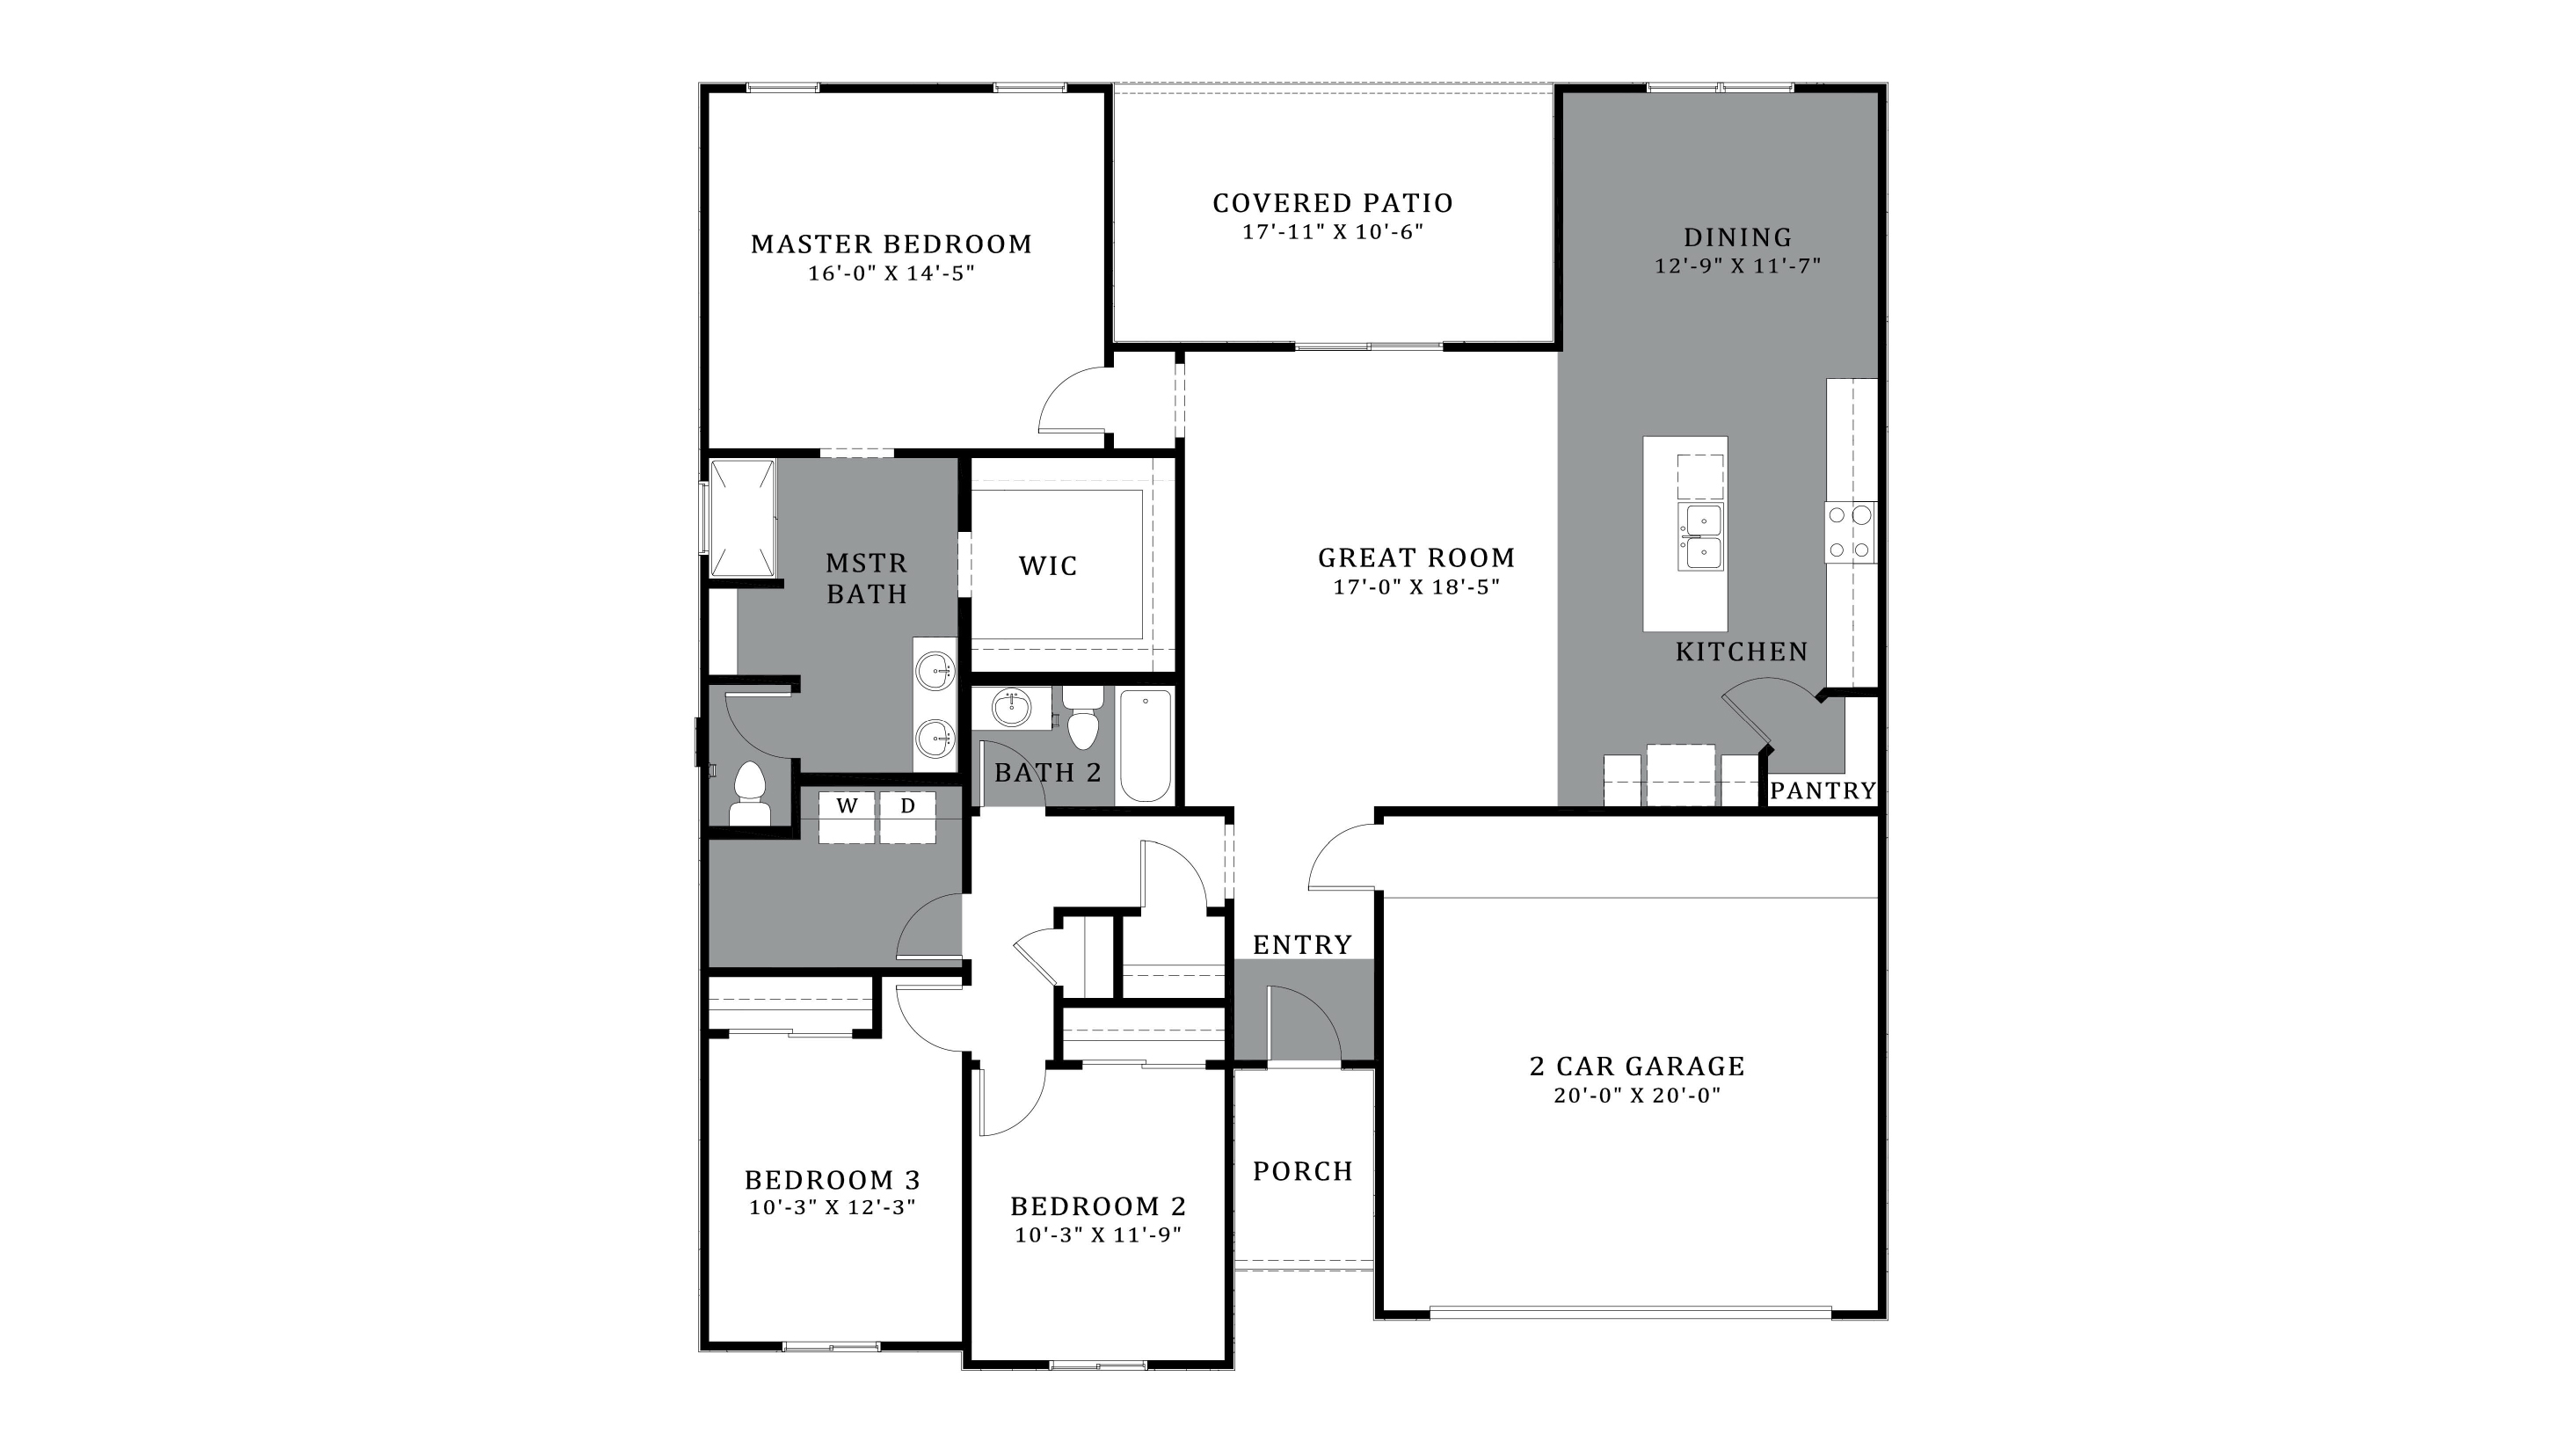 D.R. Horton Santa Cruz Meadows Orchid - Plan 4818 Floor Plan